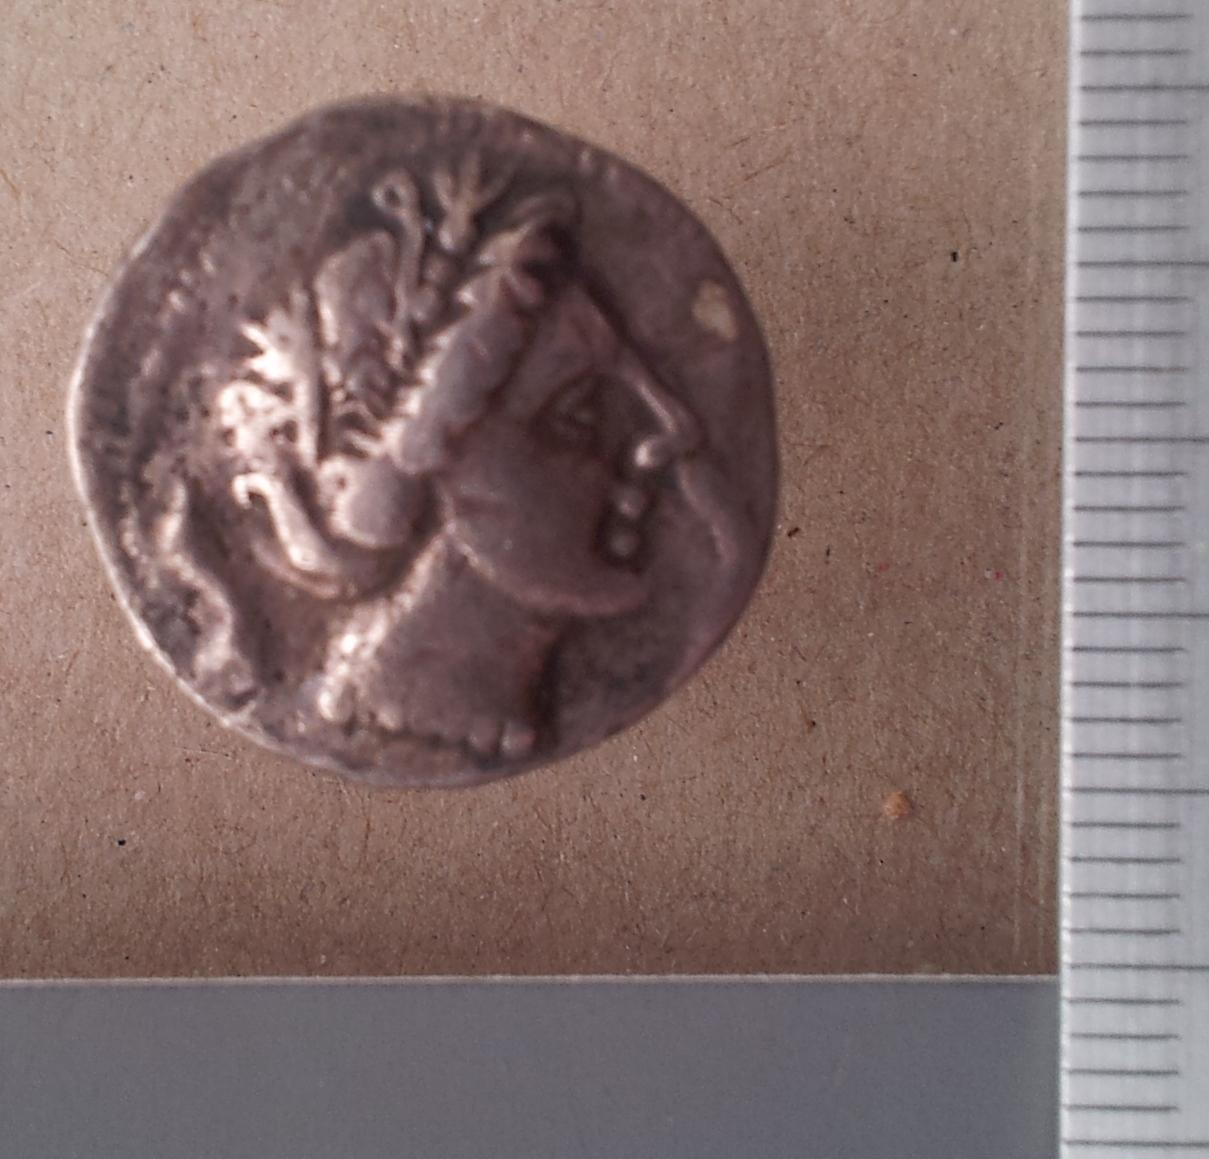 Anvers de la dracma de plata de Barkeno que es troba actualment al Museu Nacional de Dinamarca (Copenhaguen). Foto: Museu Nacional de Dinamarca